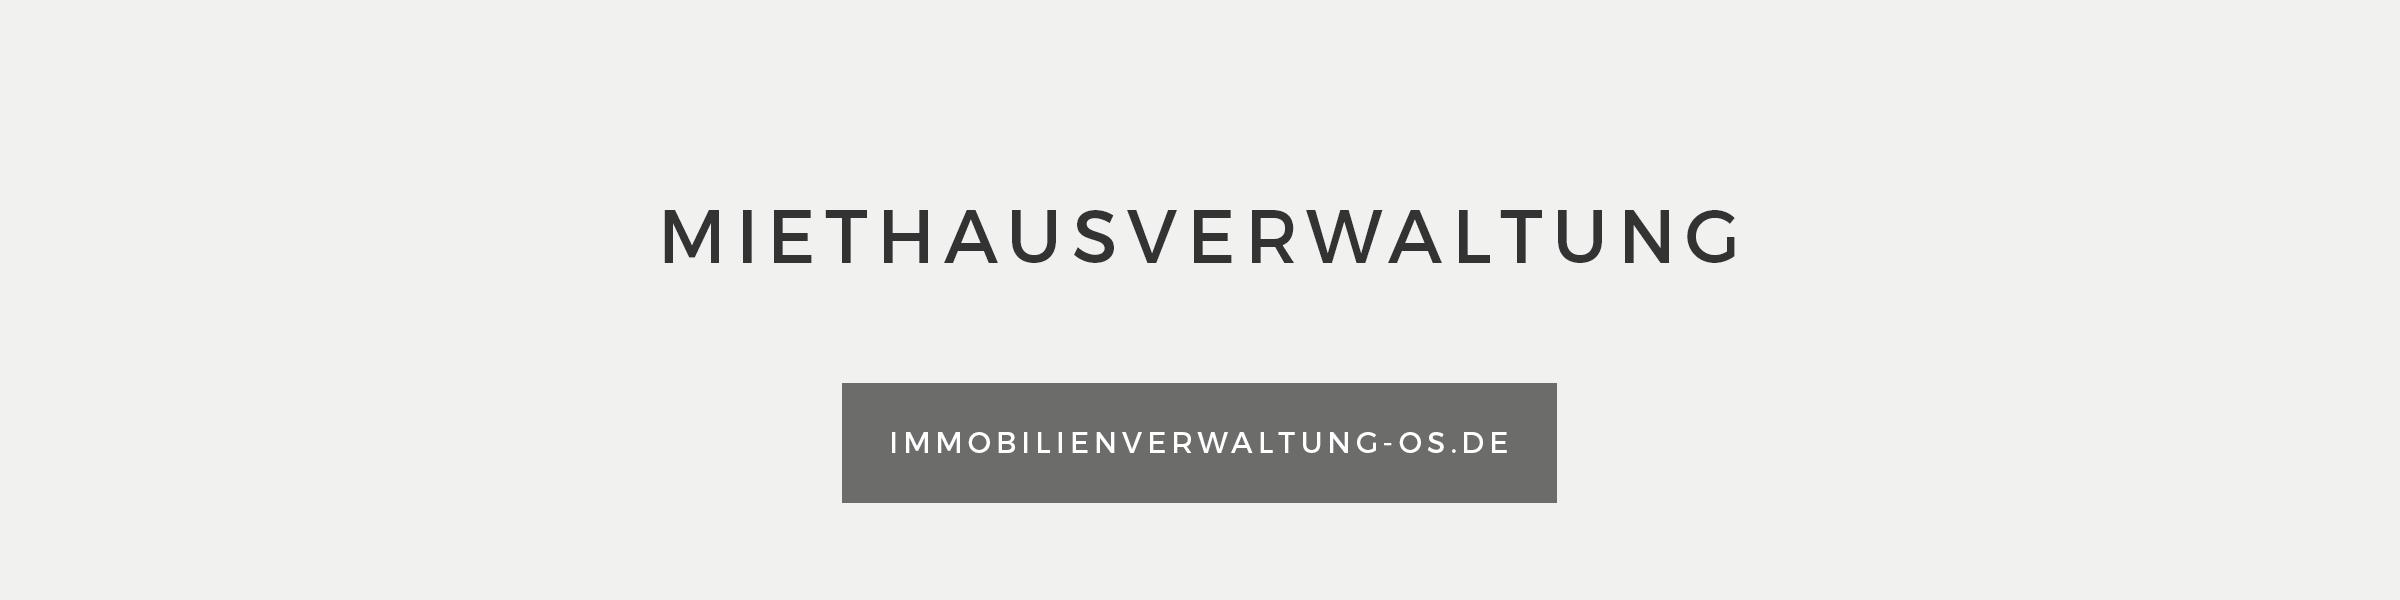 Banner Miethausverwaltung